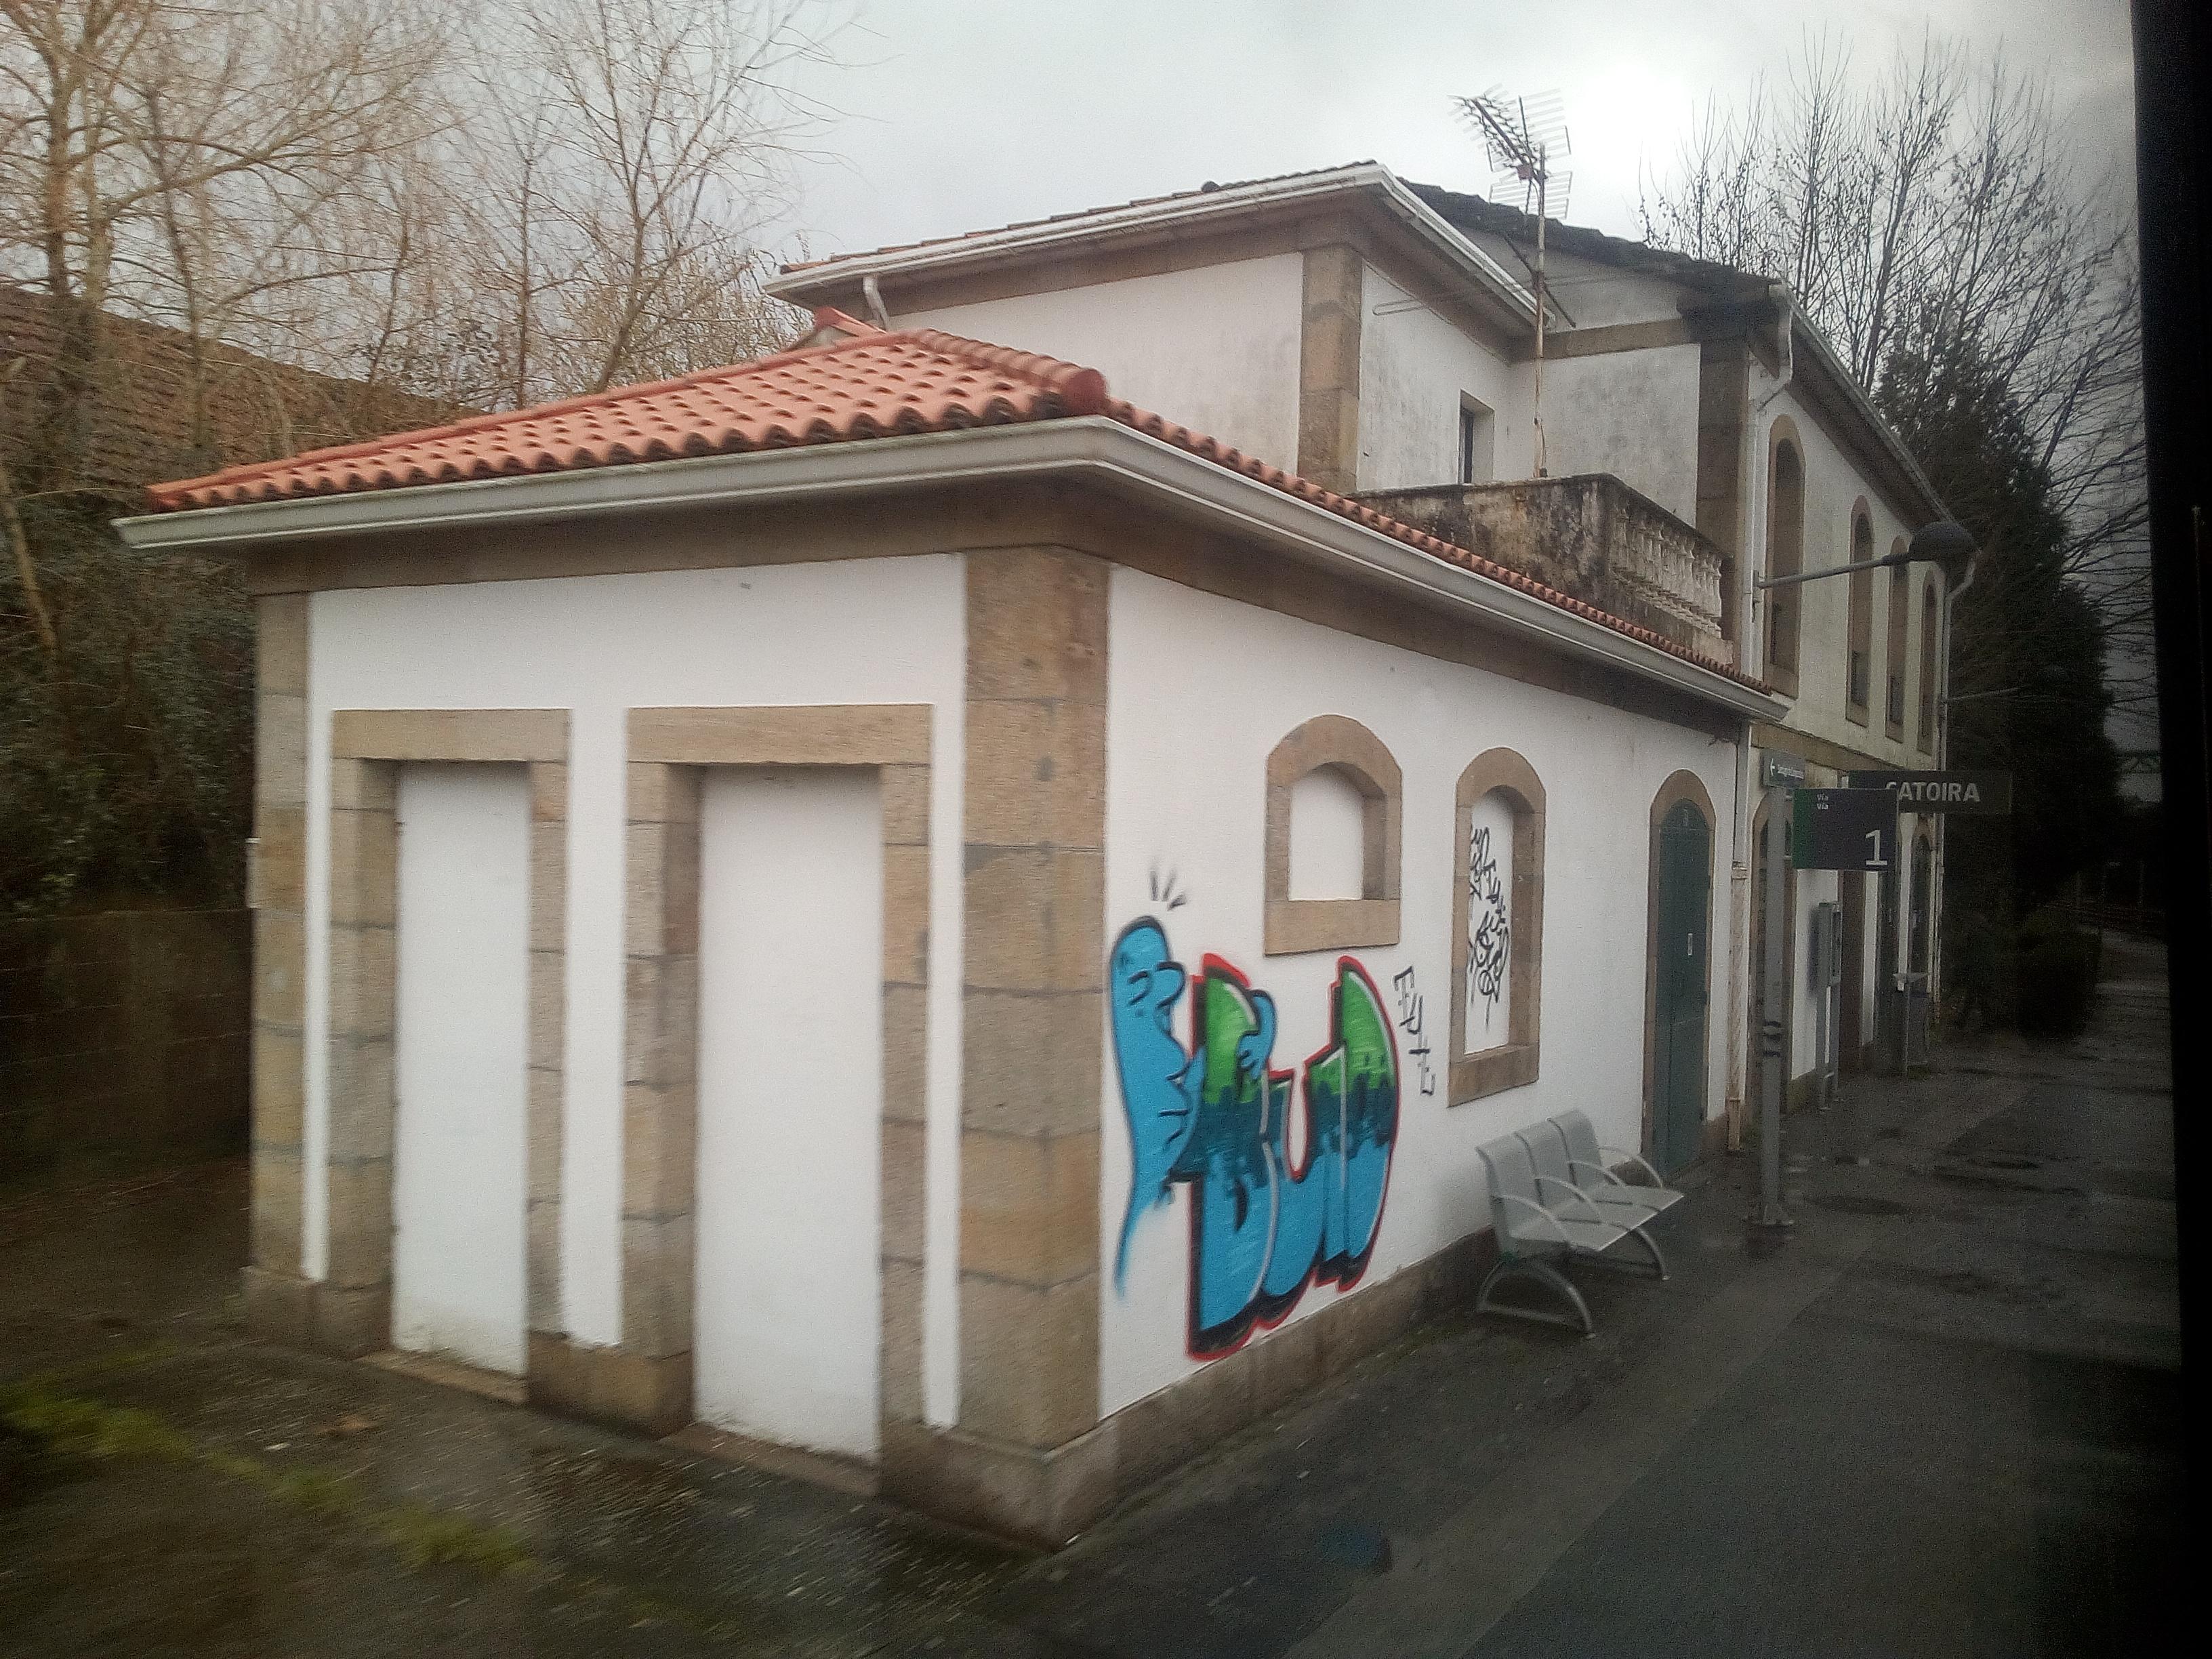 Estación de Catoira